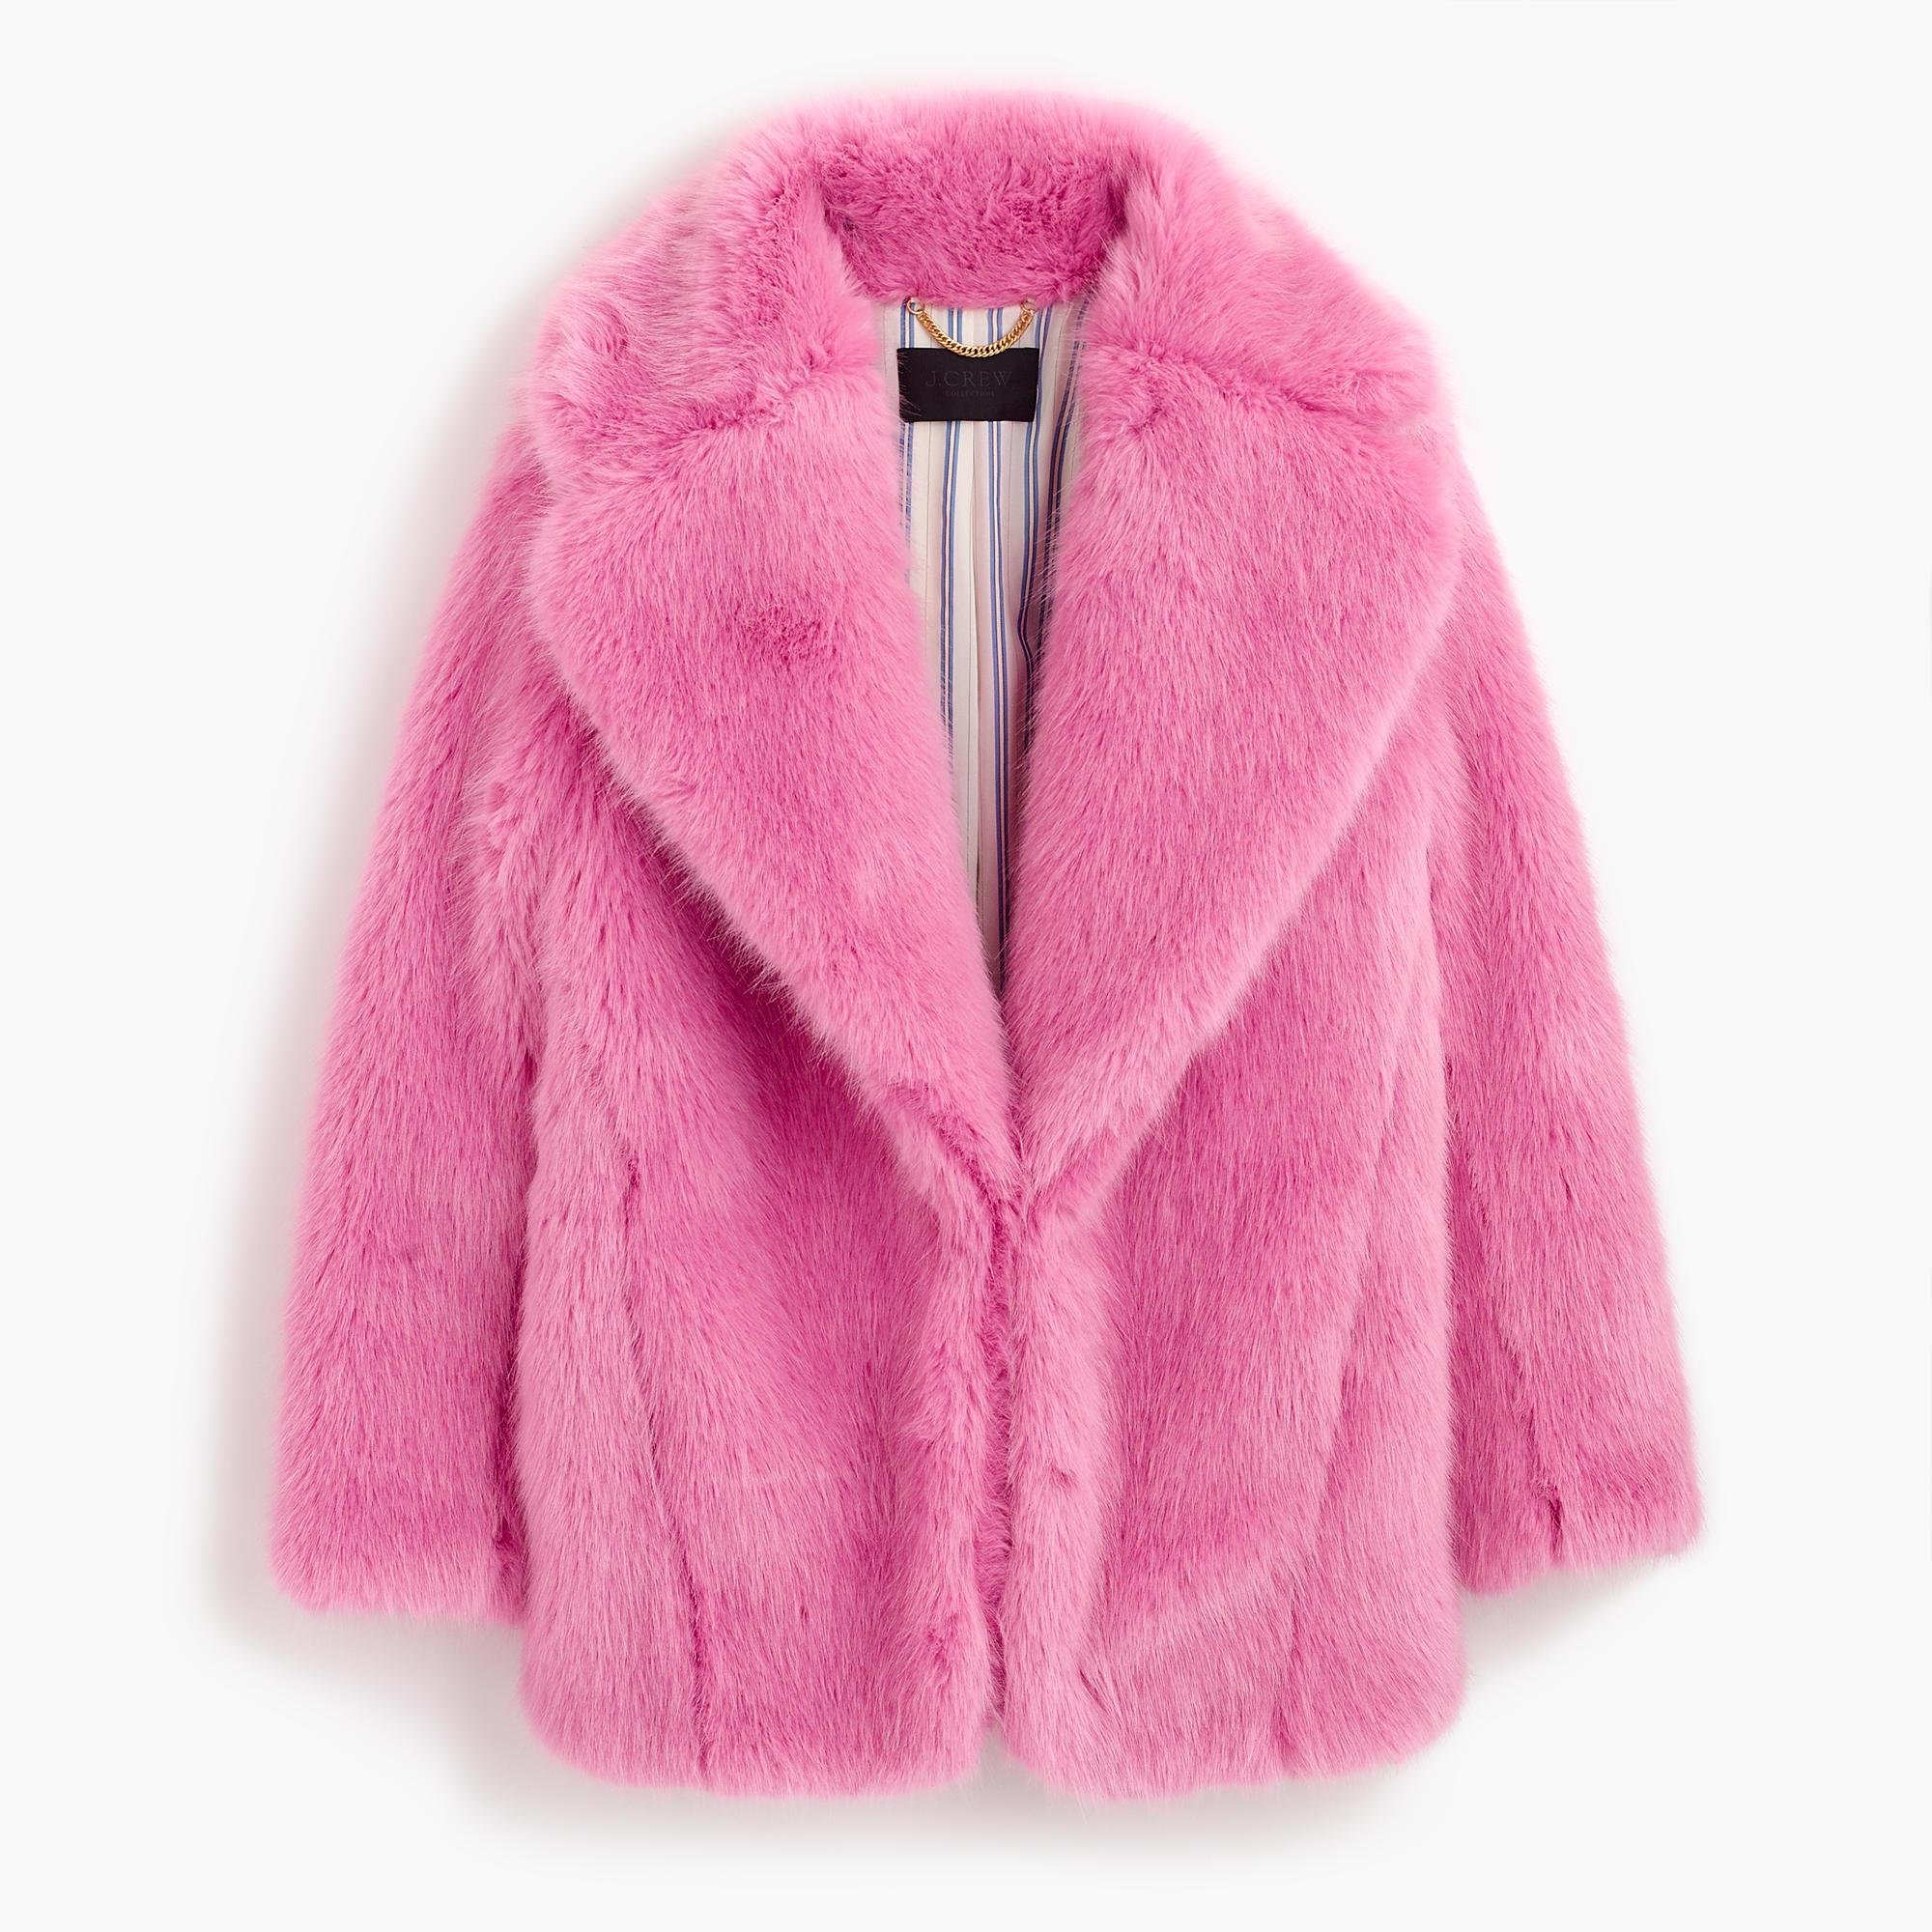 Collection Faux-Fur Jacket : Women's Coats & Jackets | J.Crew